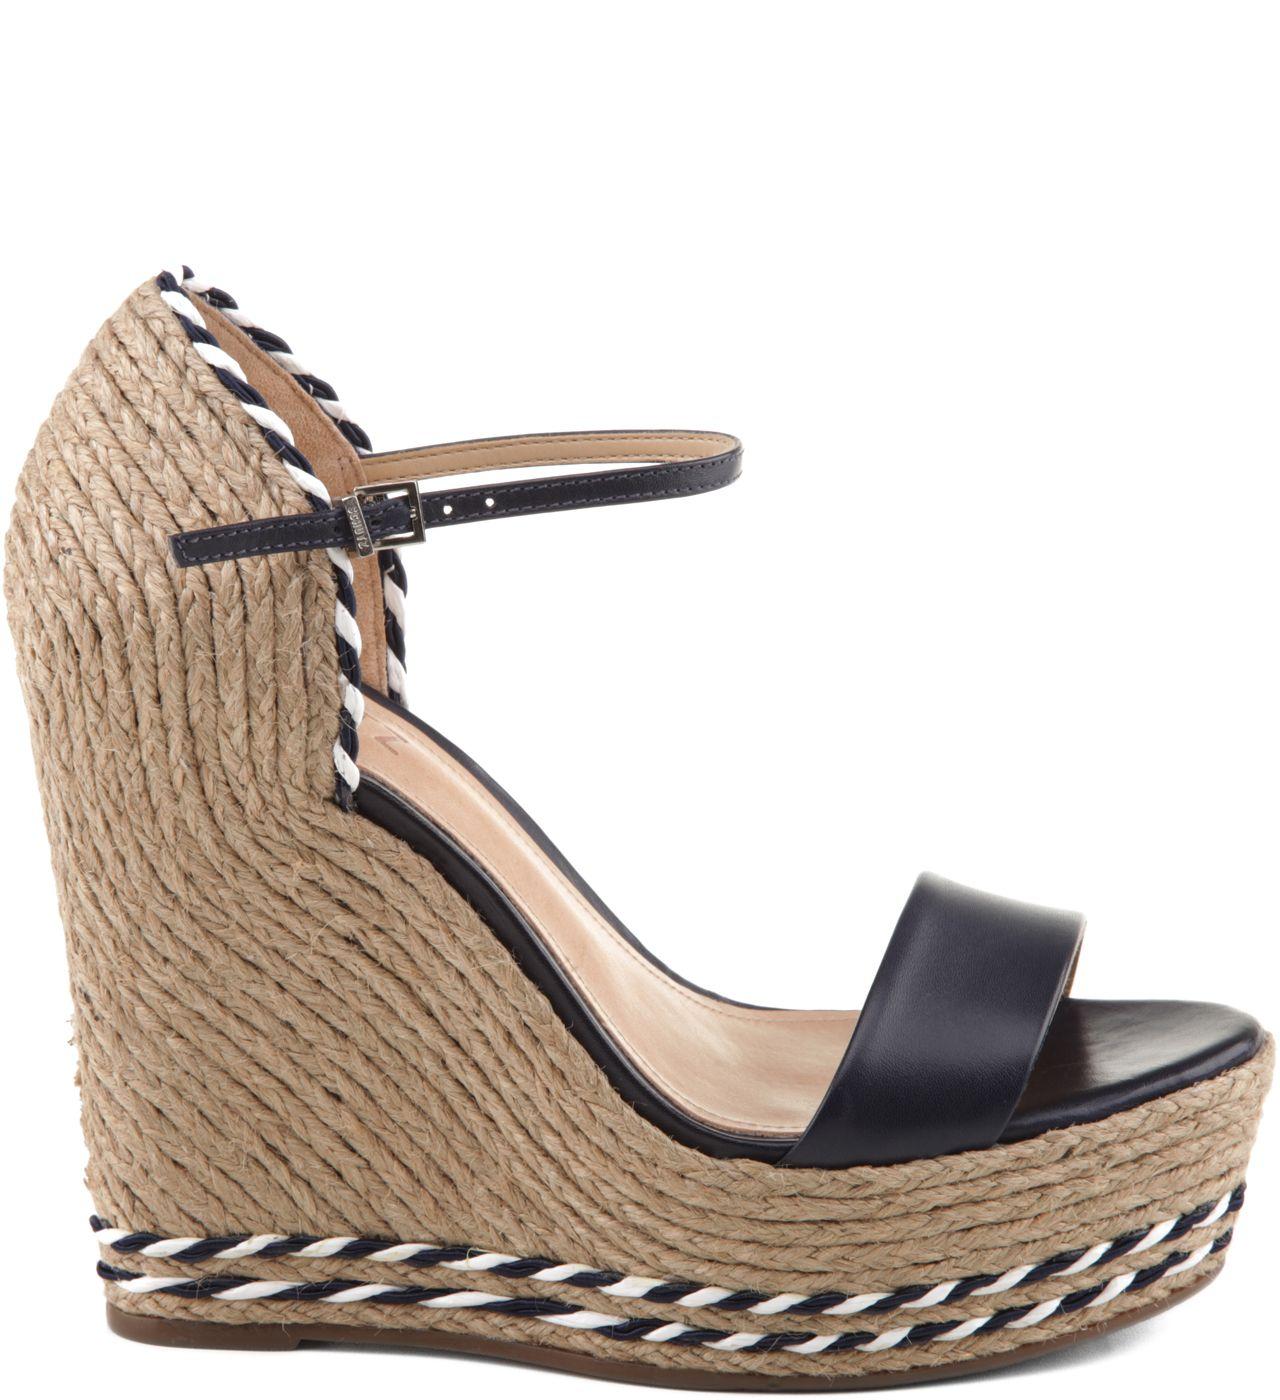 eb84b4e69 SANDÁLIA PLATAFORMA COM TRASEIRA DE PALHA BLACK | zapatos | Sapatos ...